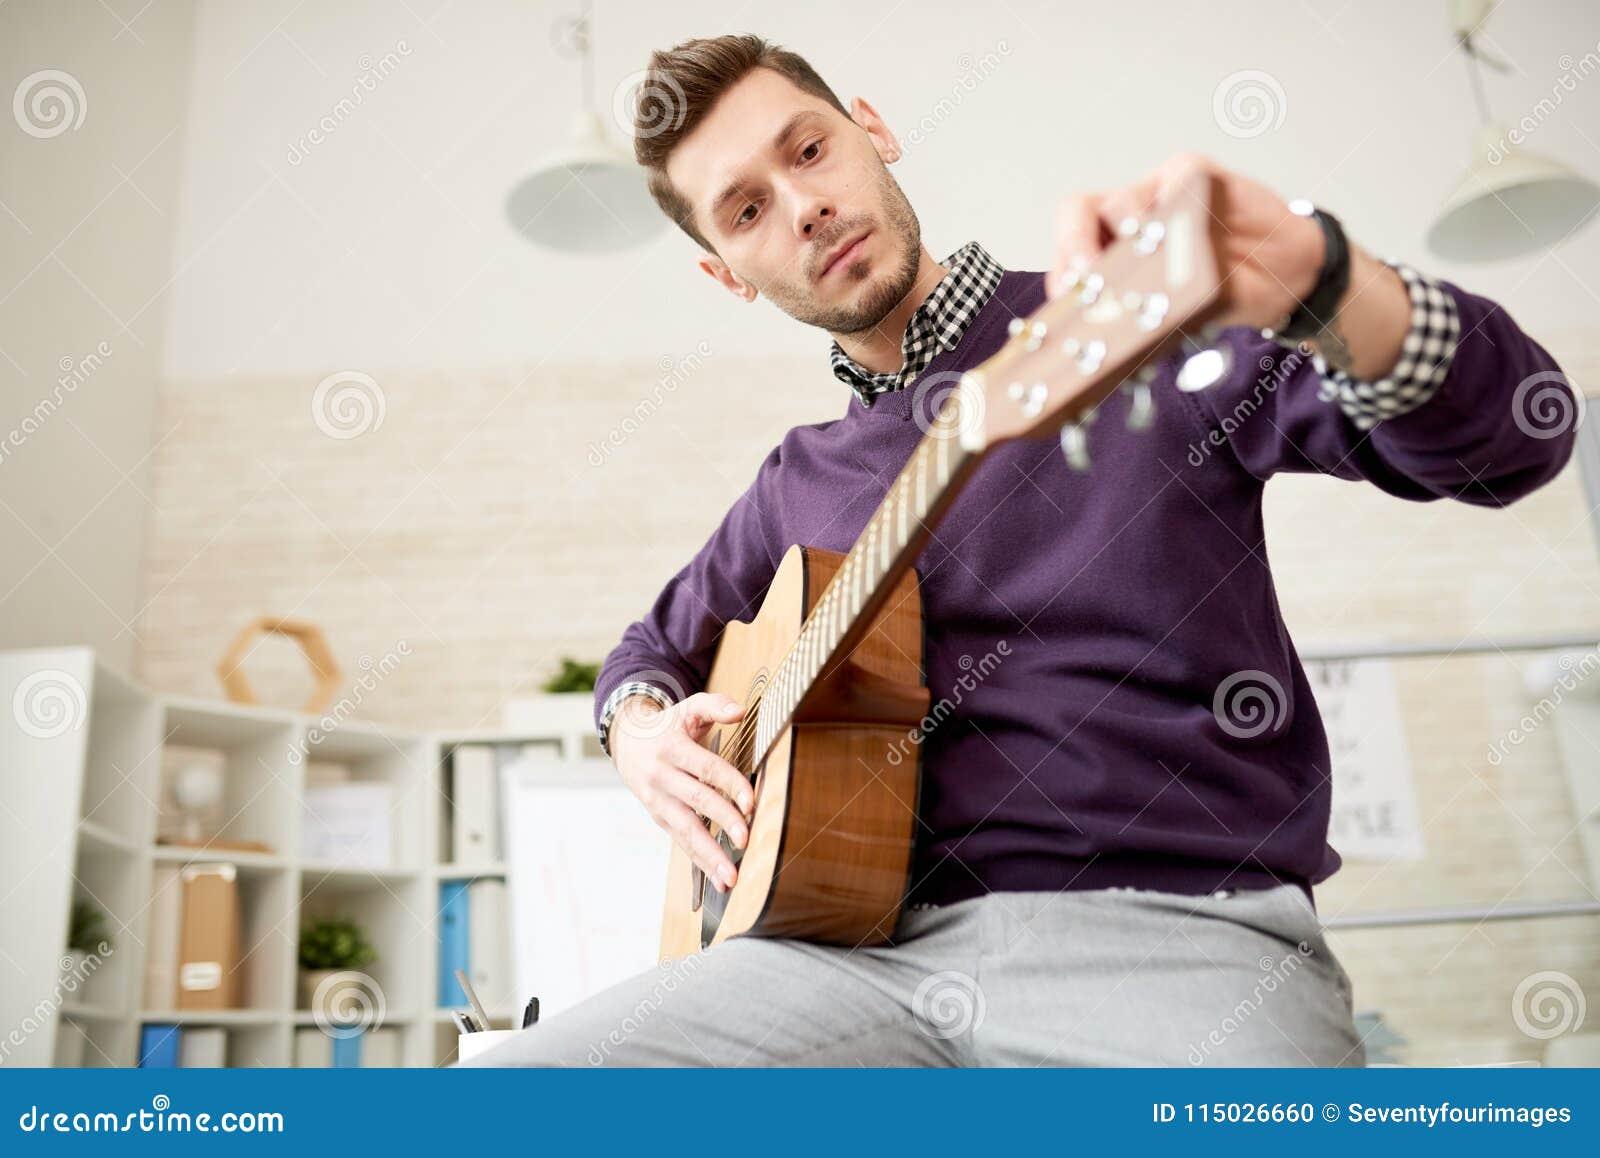 Adjusting Guitar at Modern Office